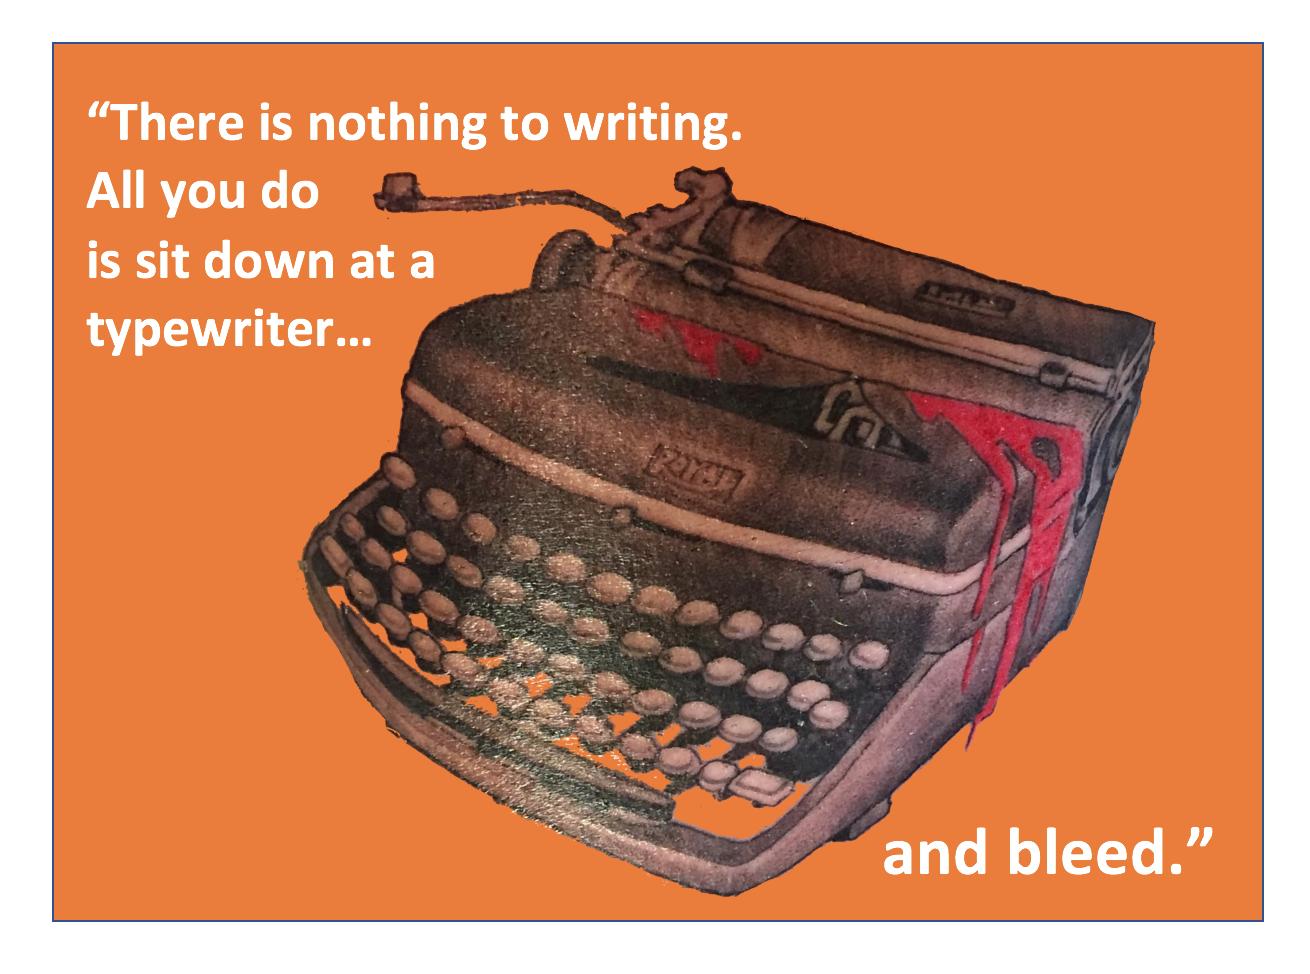 Bleeding Typewriter Memed.png